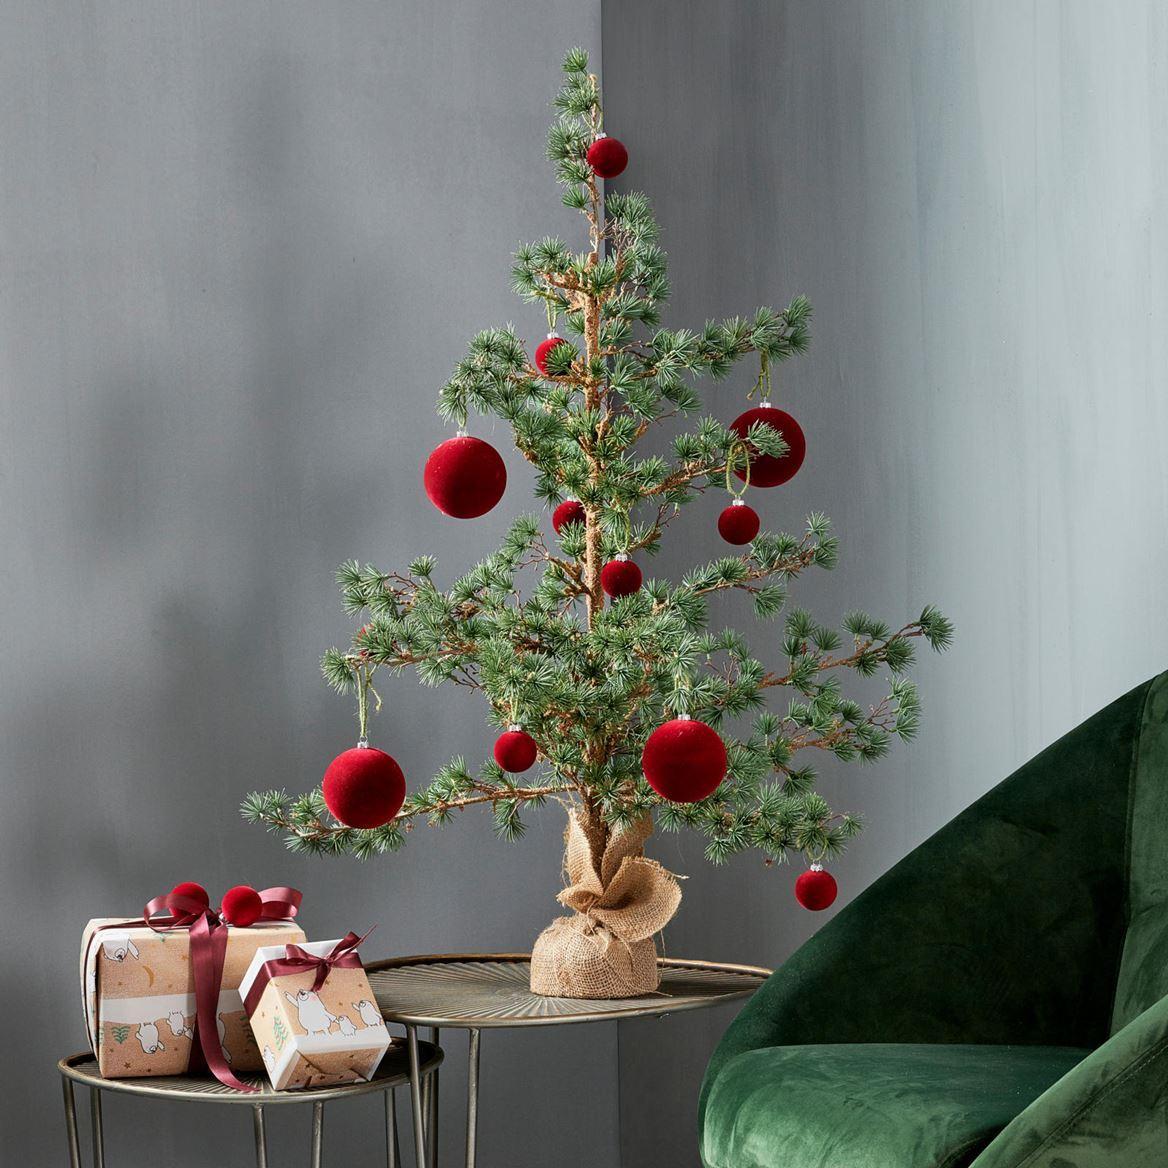 Immagini Alberi Di Natale.Alberi Di Natale Per Festeggiare Anche Quest Anno Cose Di Casa